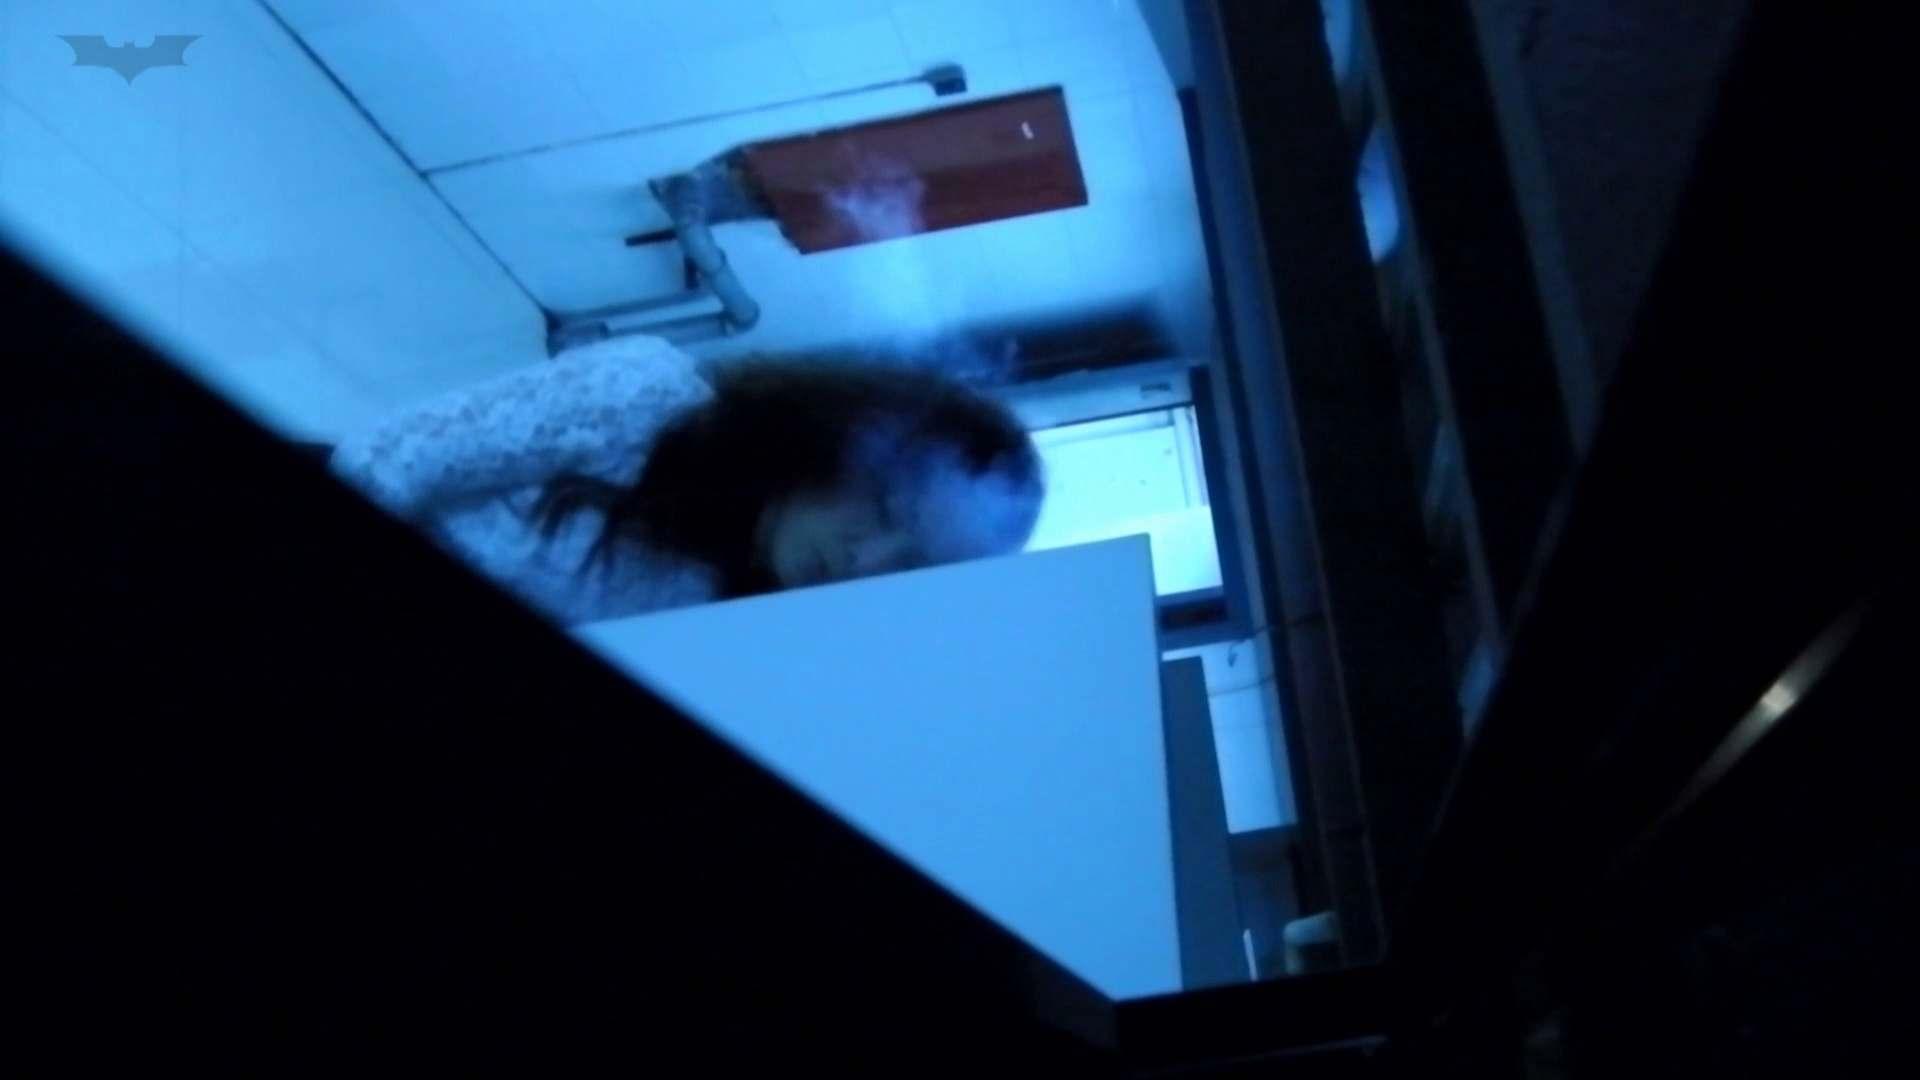 新世界の射窓 No72 モデル級なら個室から飛び出て追っかけます 洗面所   0  74連発 7